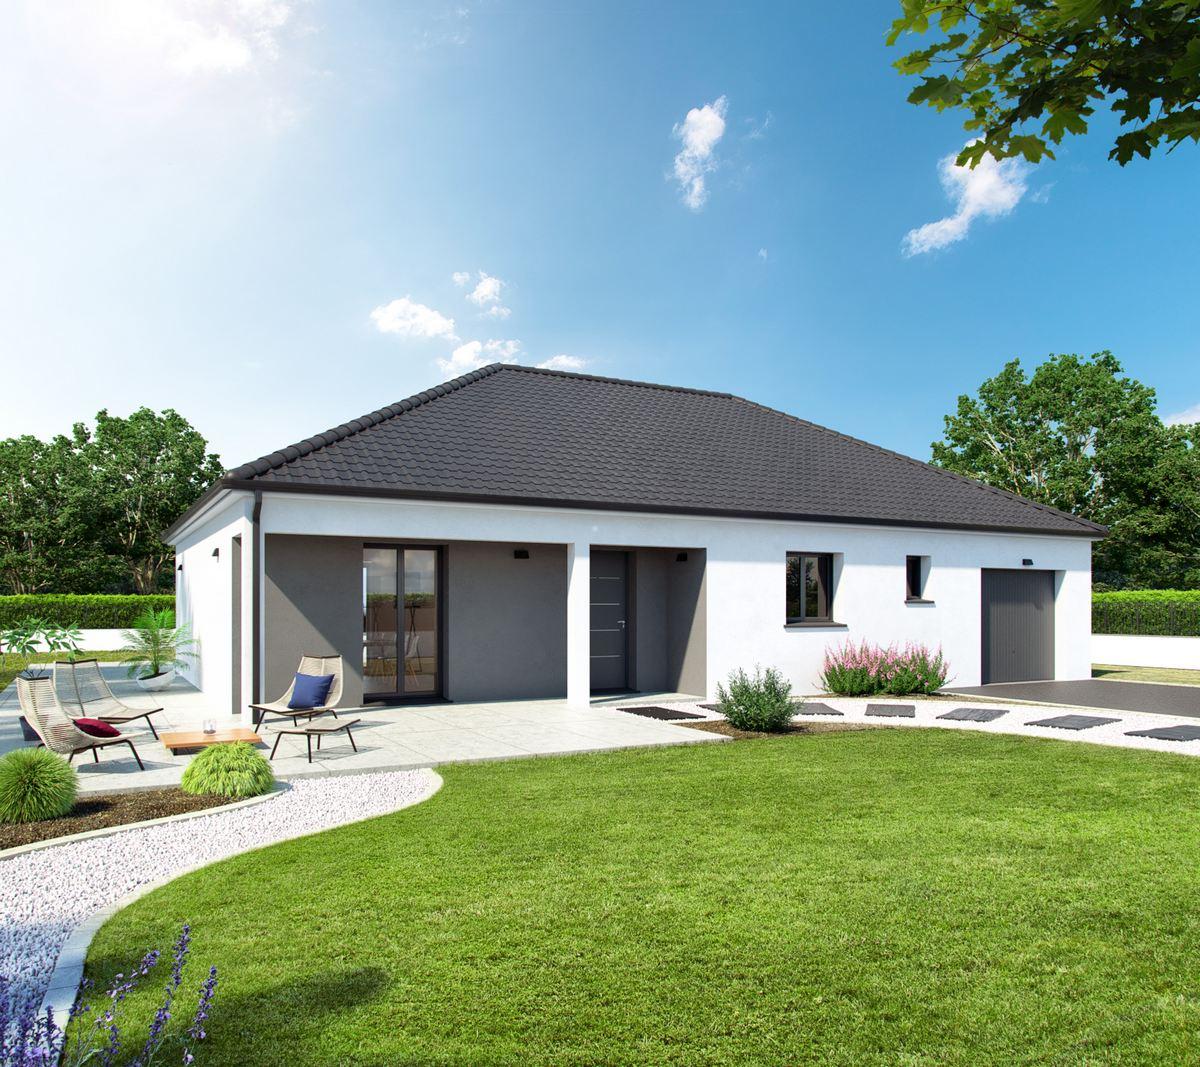 maison traditionnelle avec toiture 4 pans